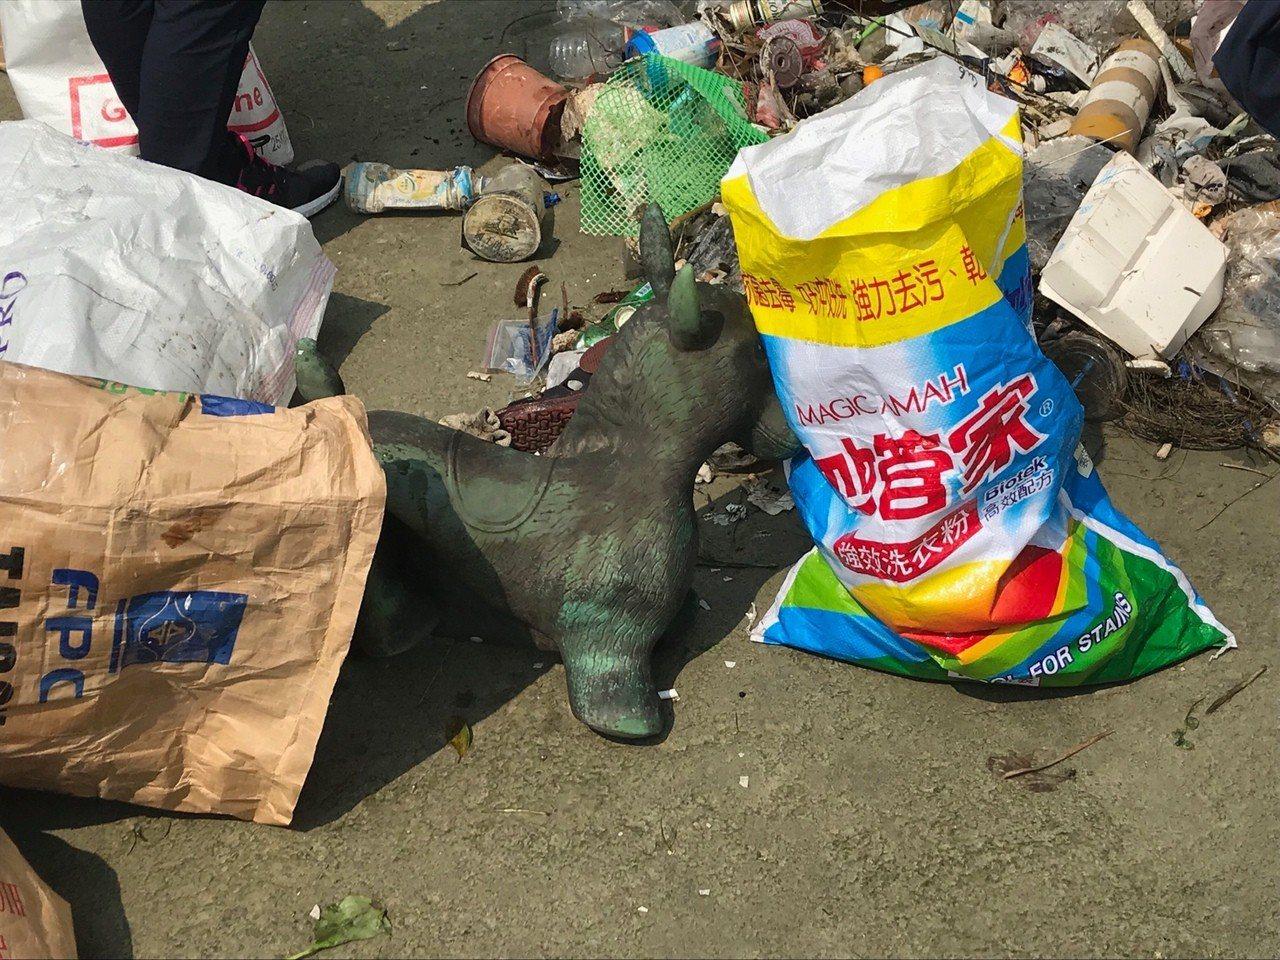 光田醫院醫護人員淨灘,撿回114公斤垃圾,包括一匹玩具馬。圖/光田醫院提供